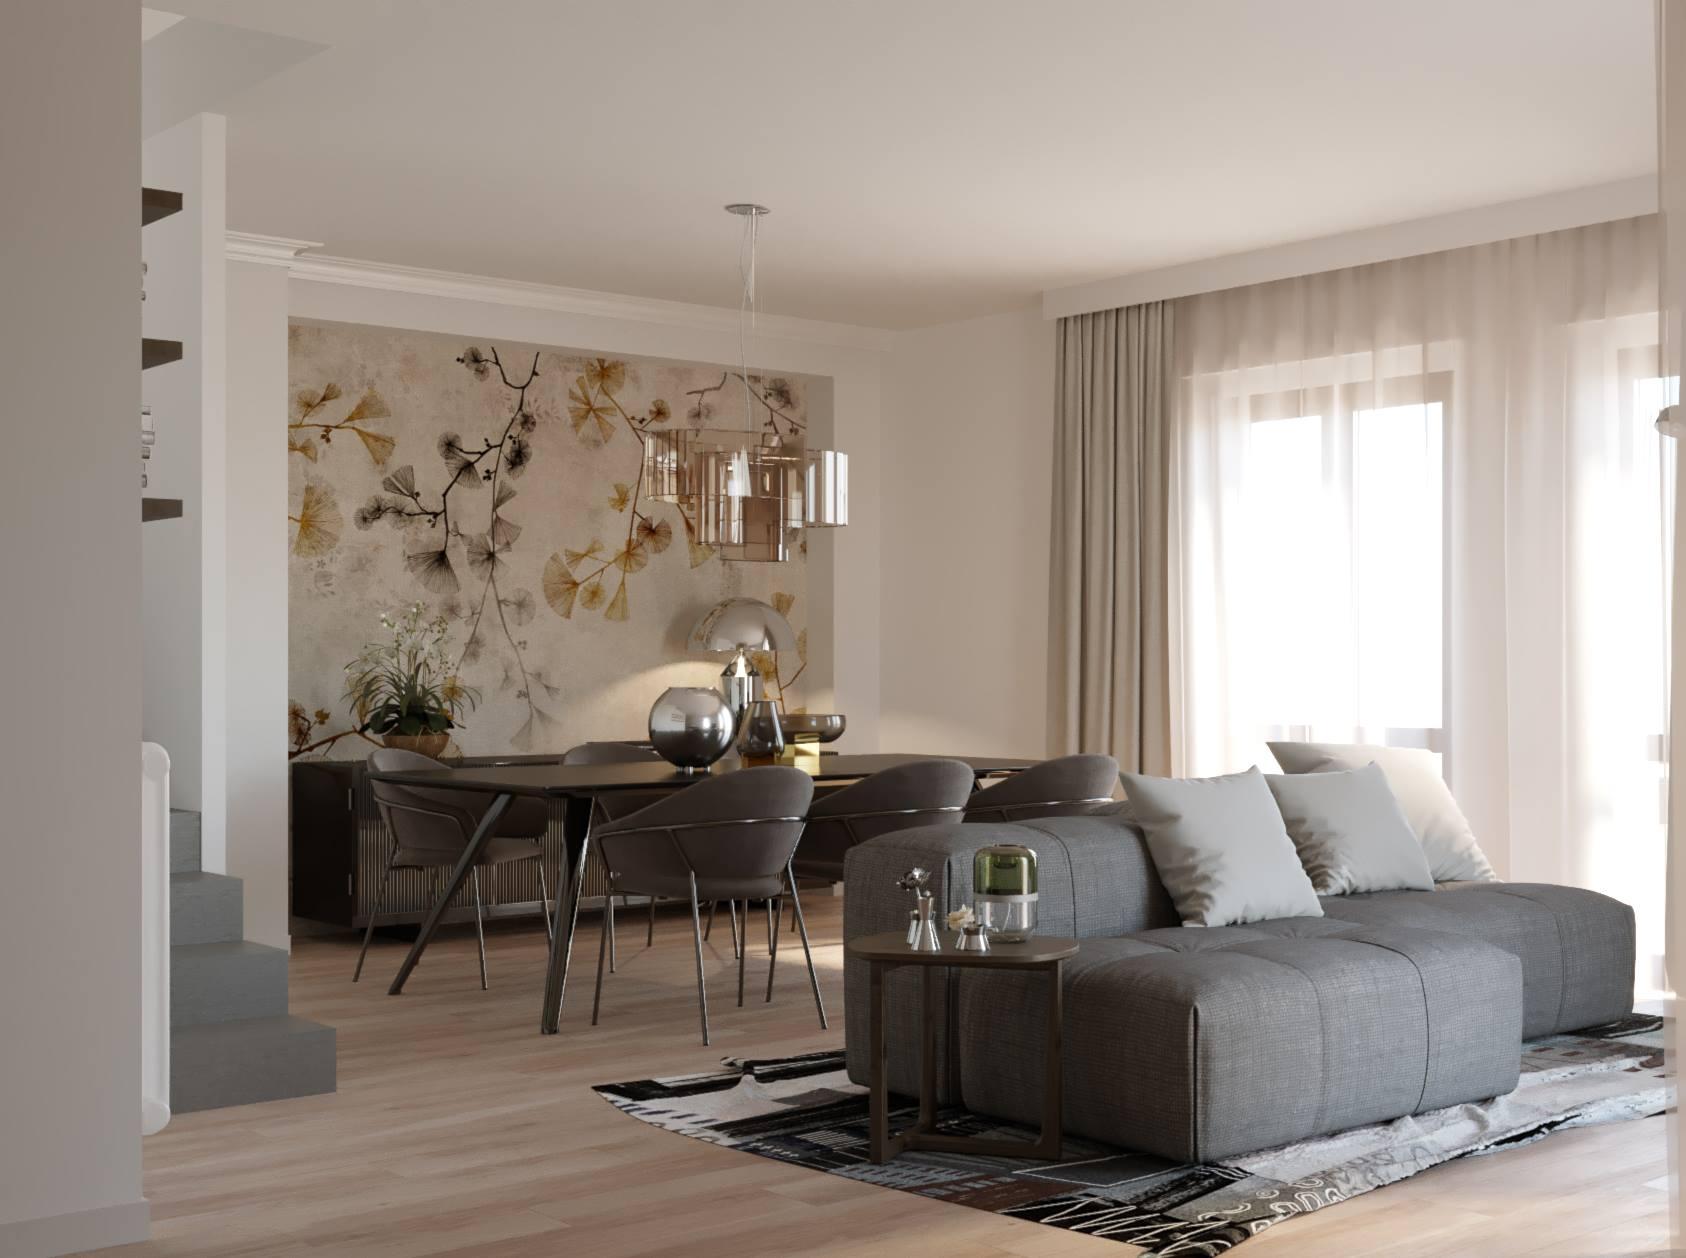 Architettura E Design gaia miacola | architetto e interior designer